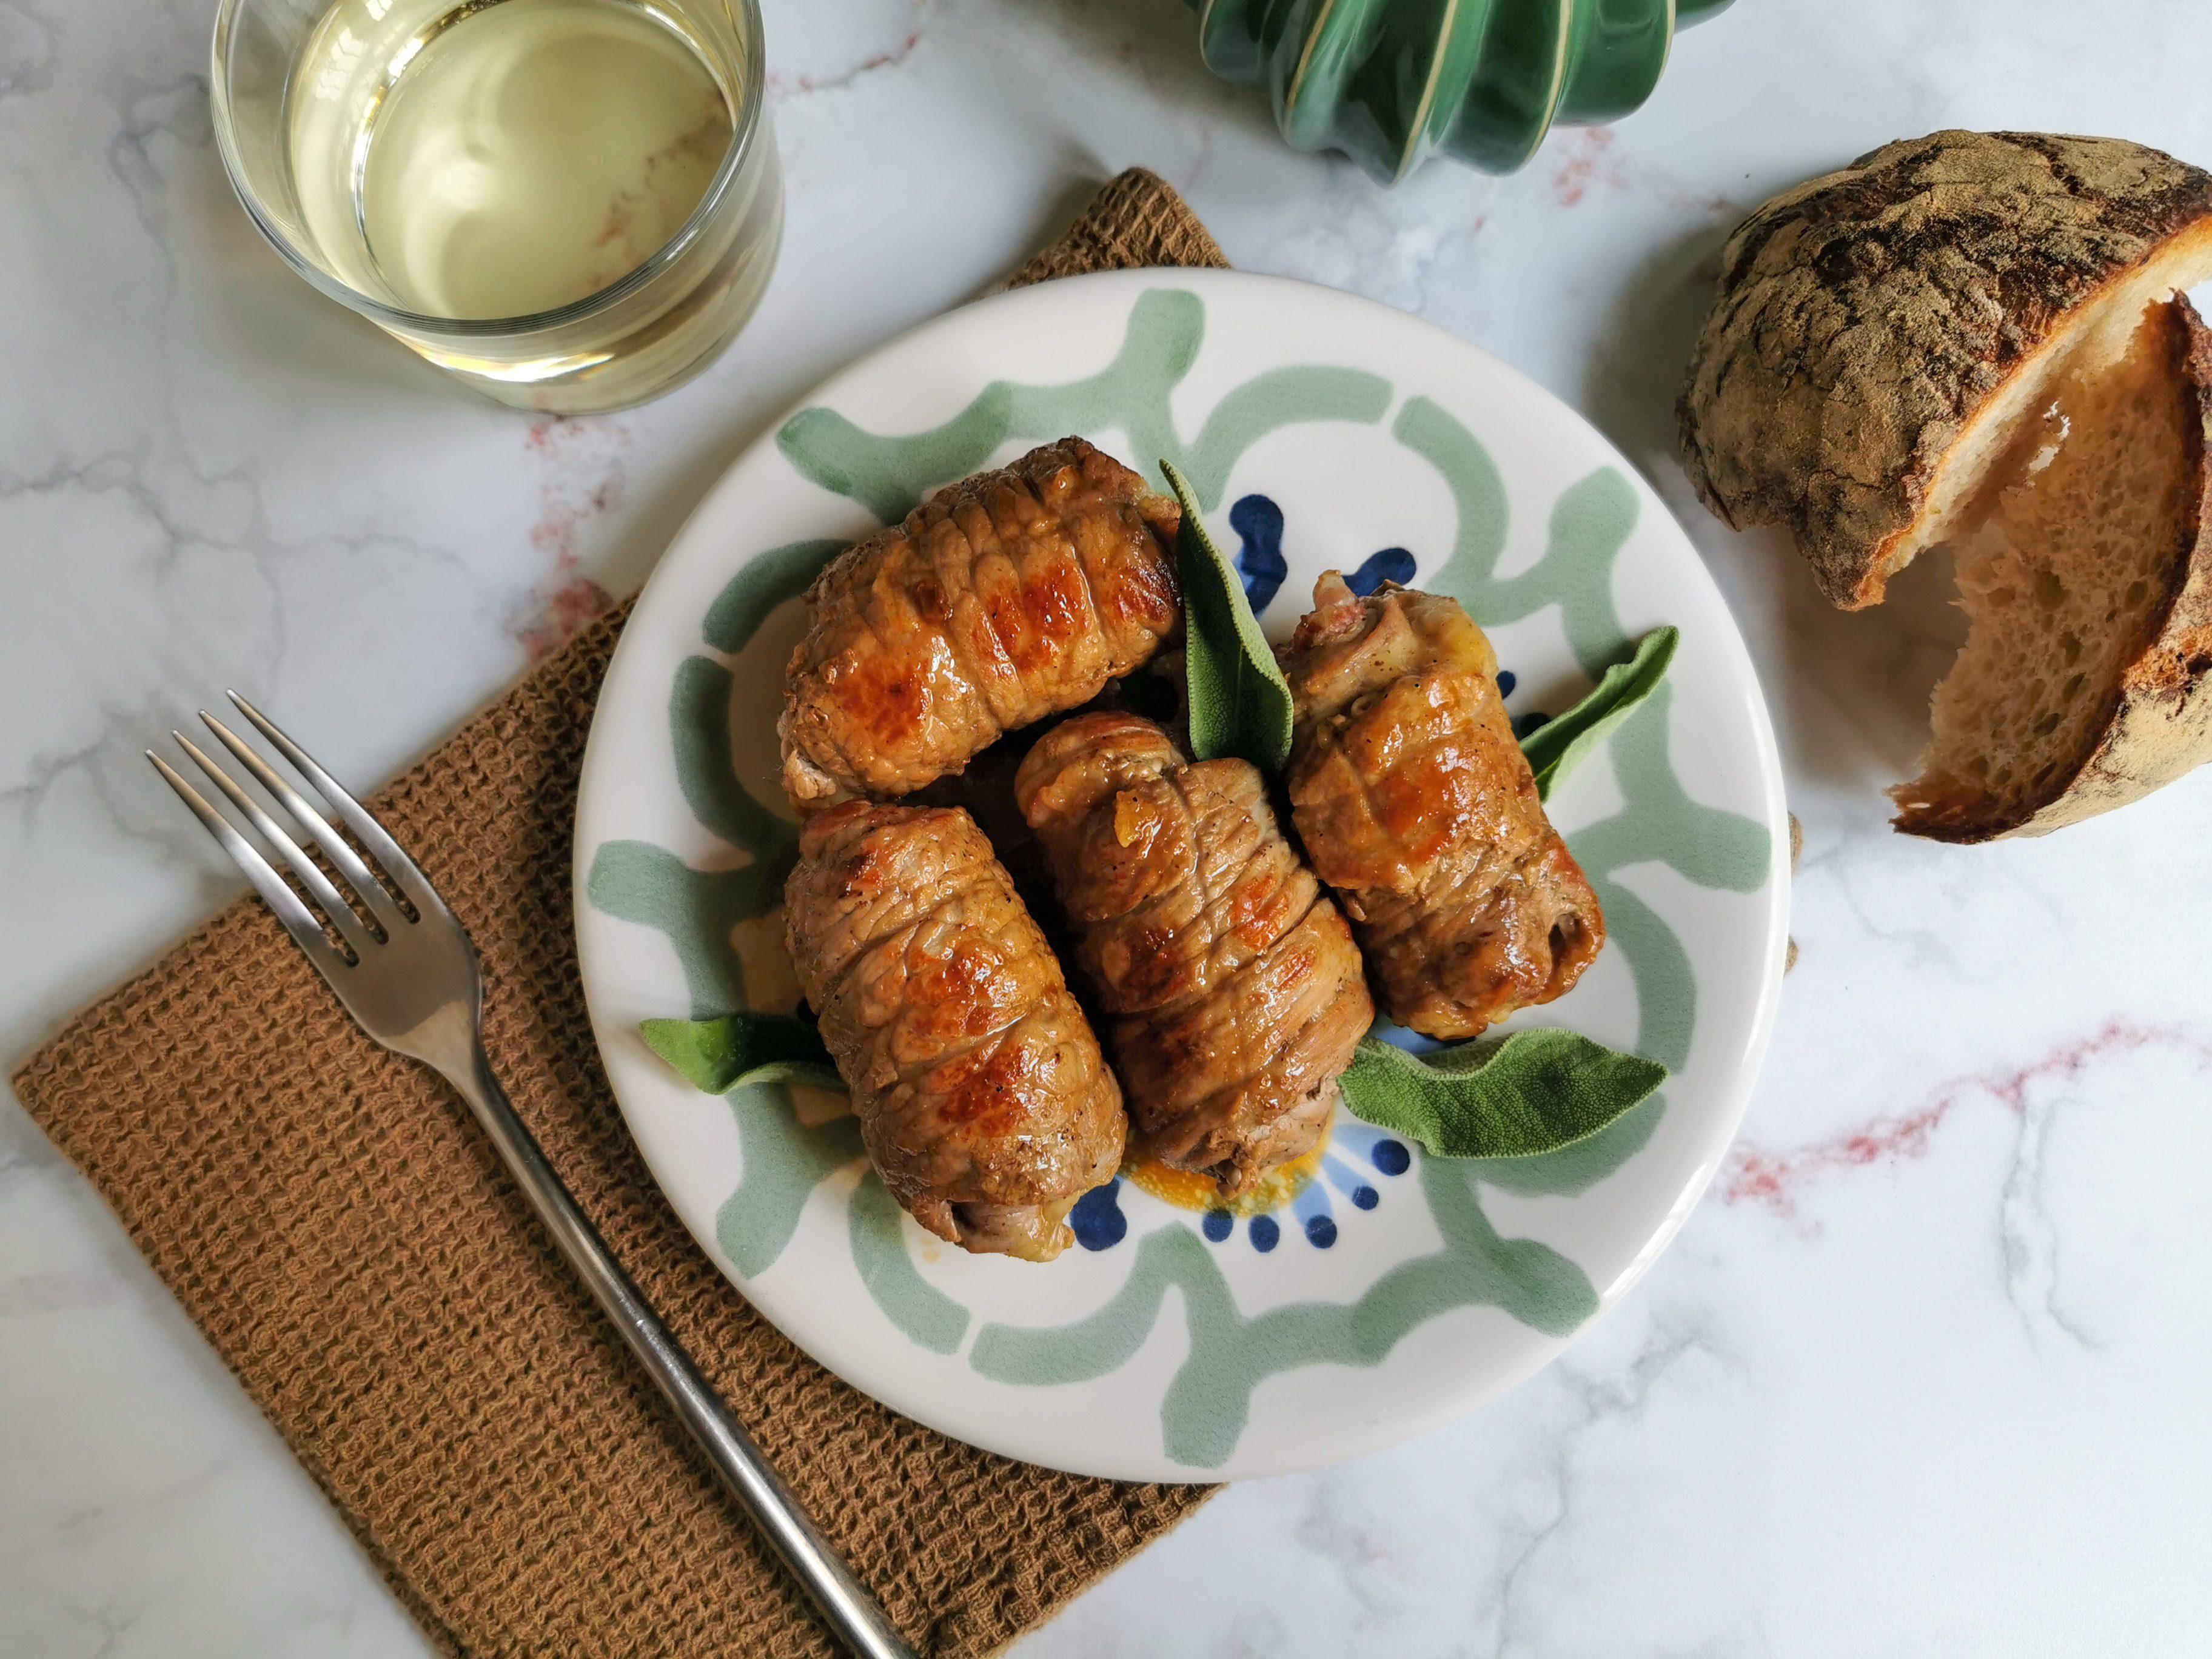 Involtini di carne in padella: la ricetta del secondo piatto gustoso e veloce